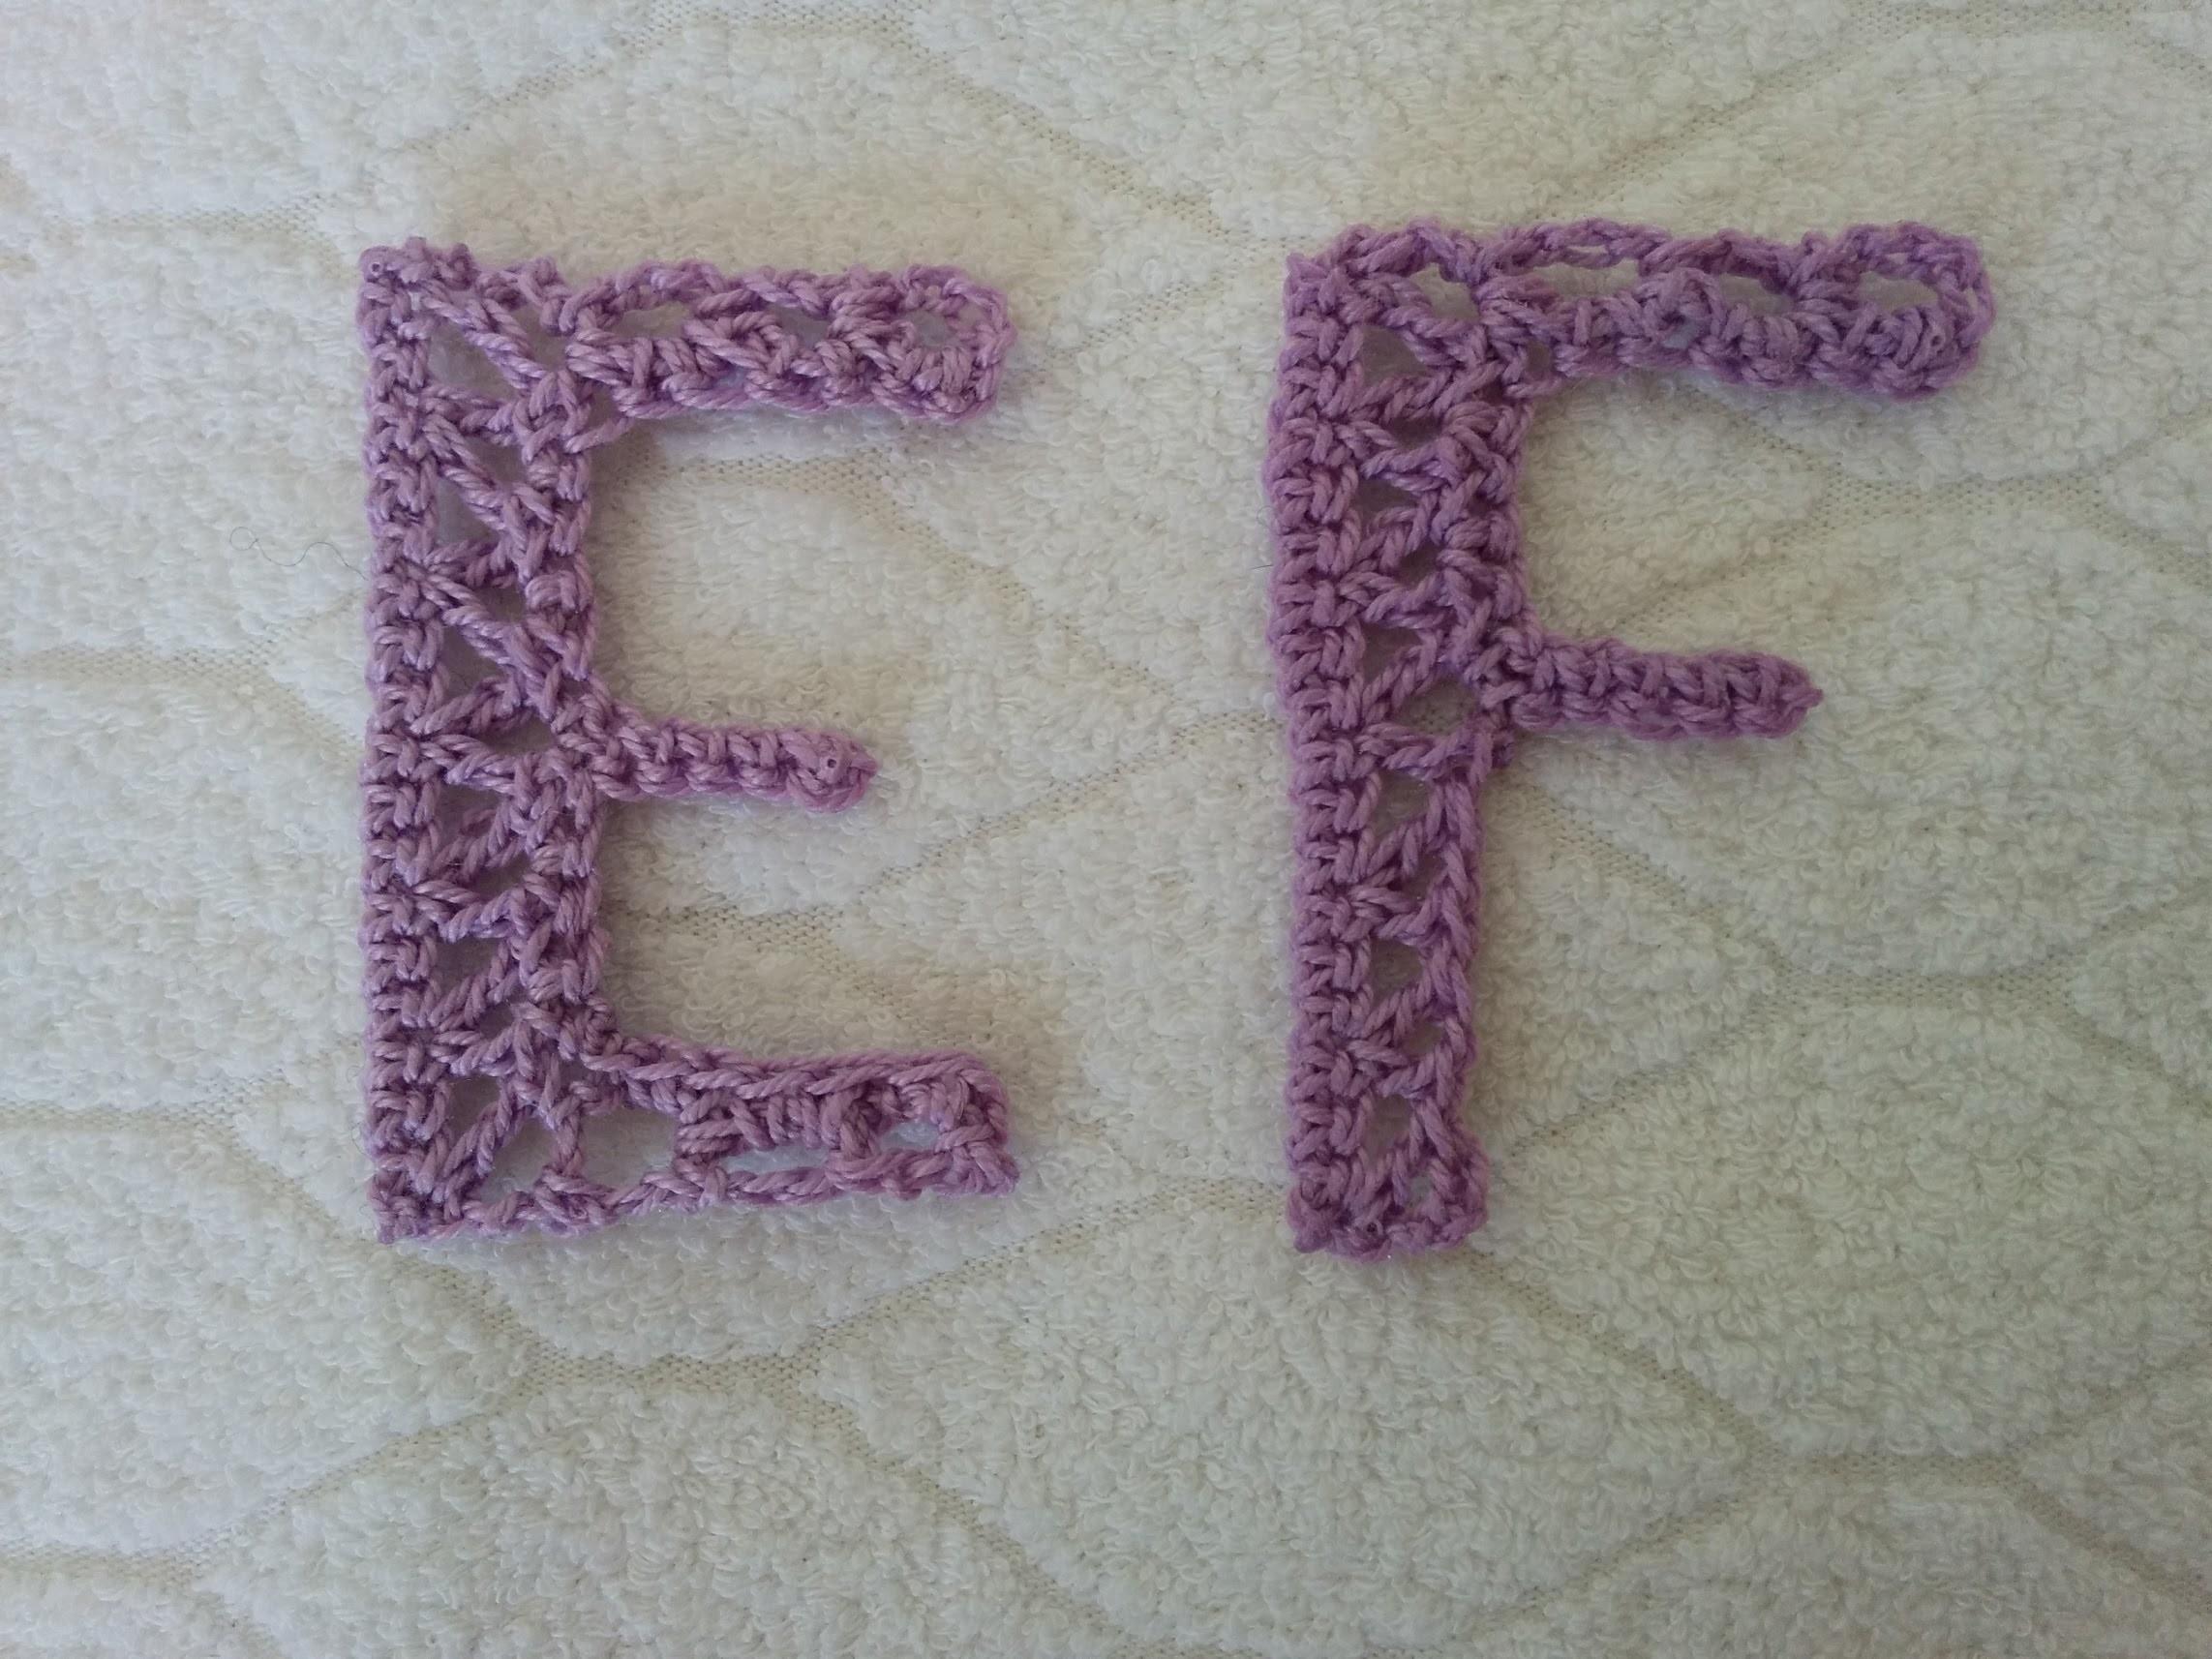 Alfabeto all'uncinetto: lettere E, F - Crochet Alphabet: letters E, F